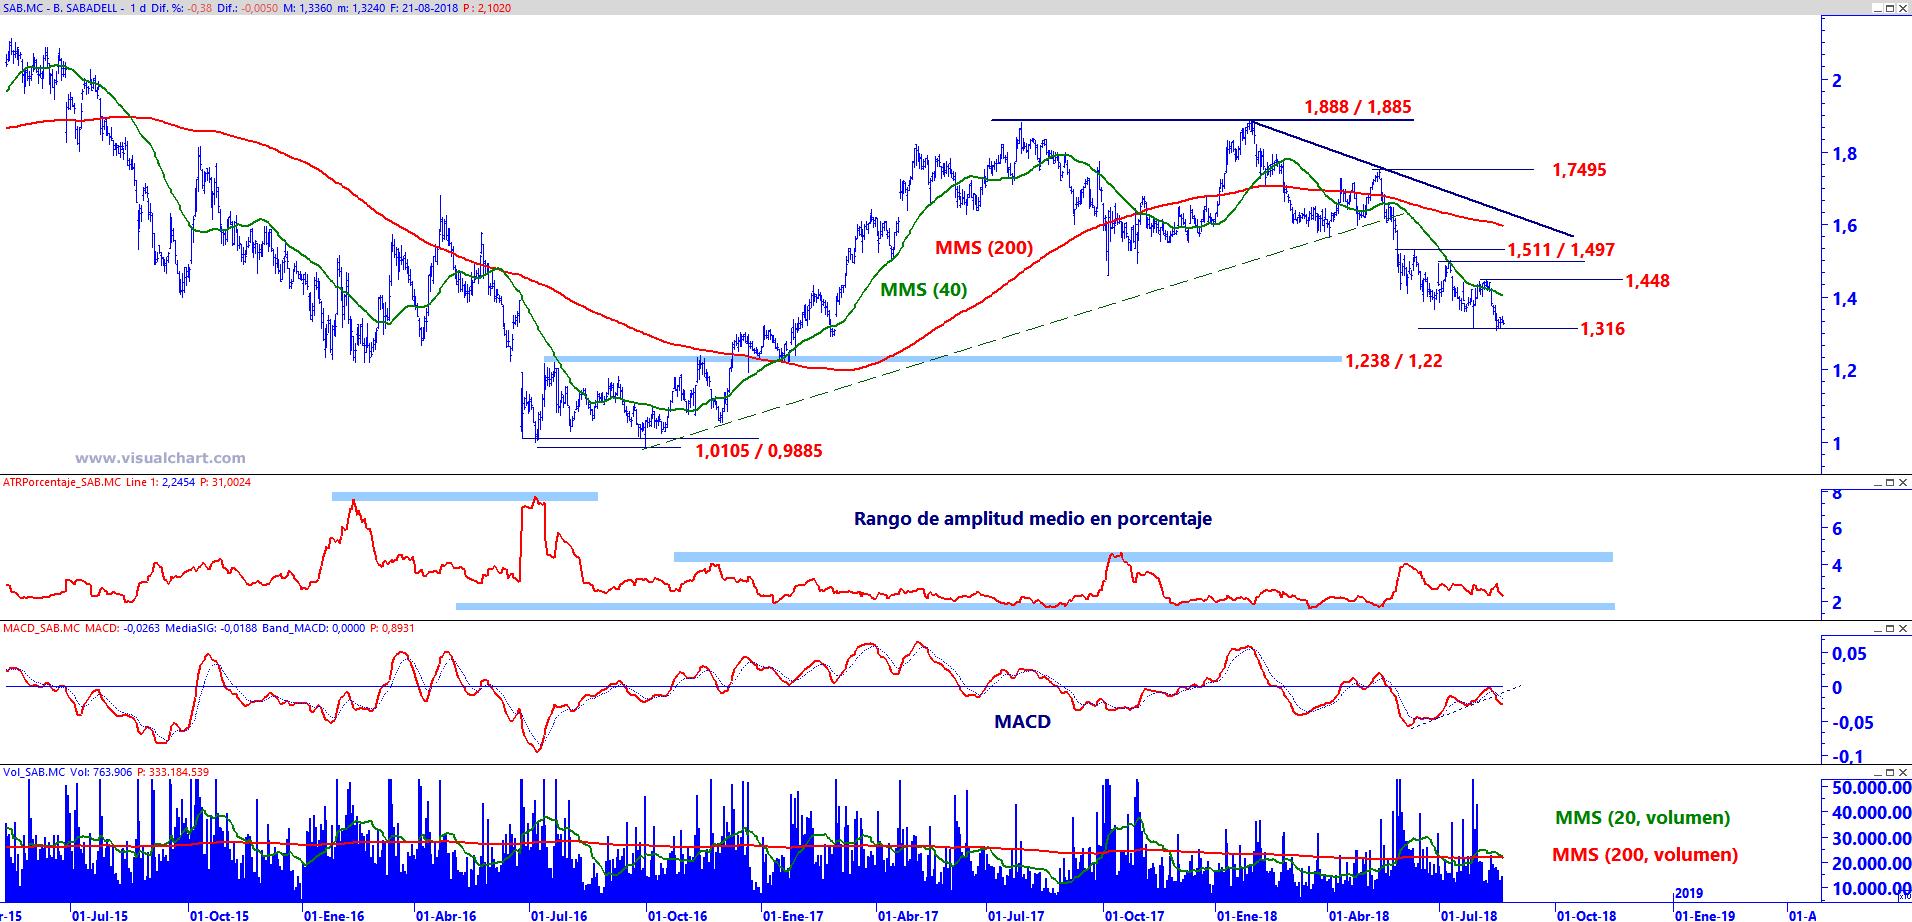 Gráfico diario de Banco Sabadell a 21 de AGO18